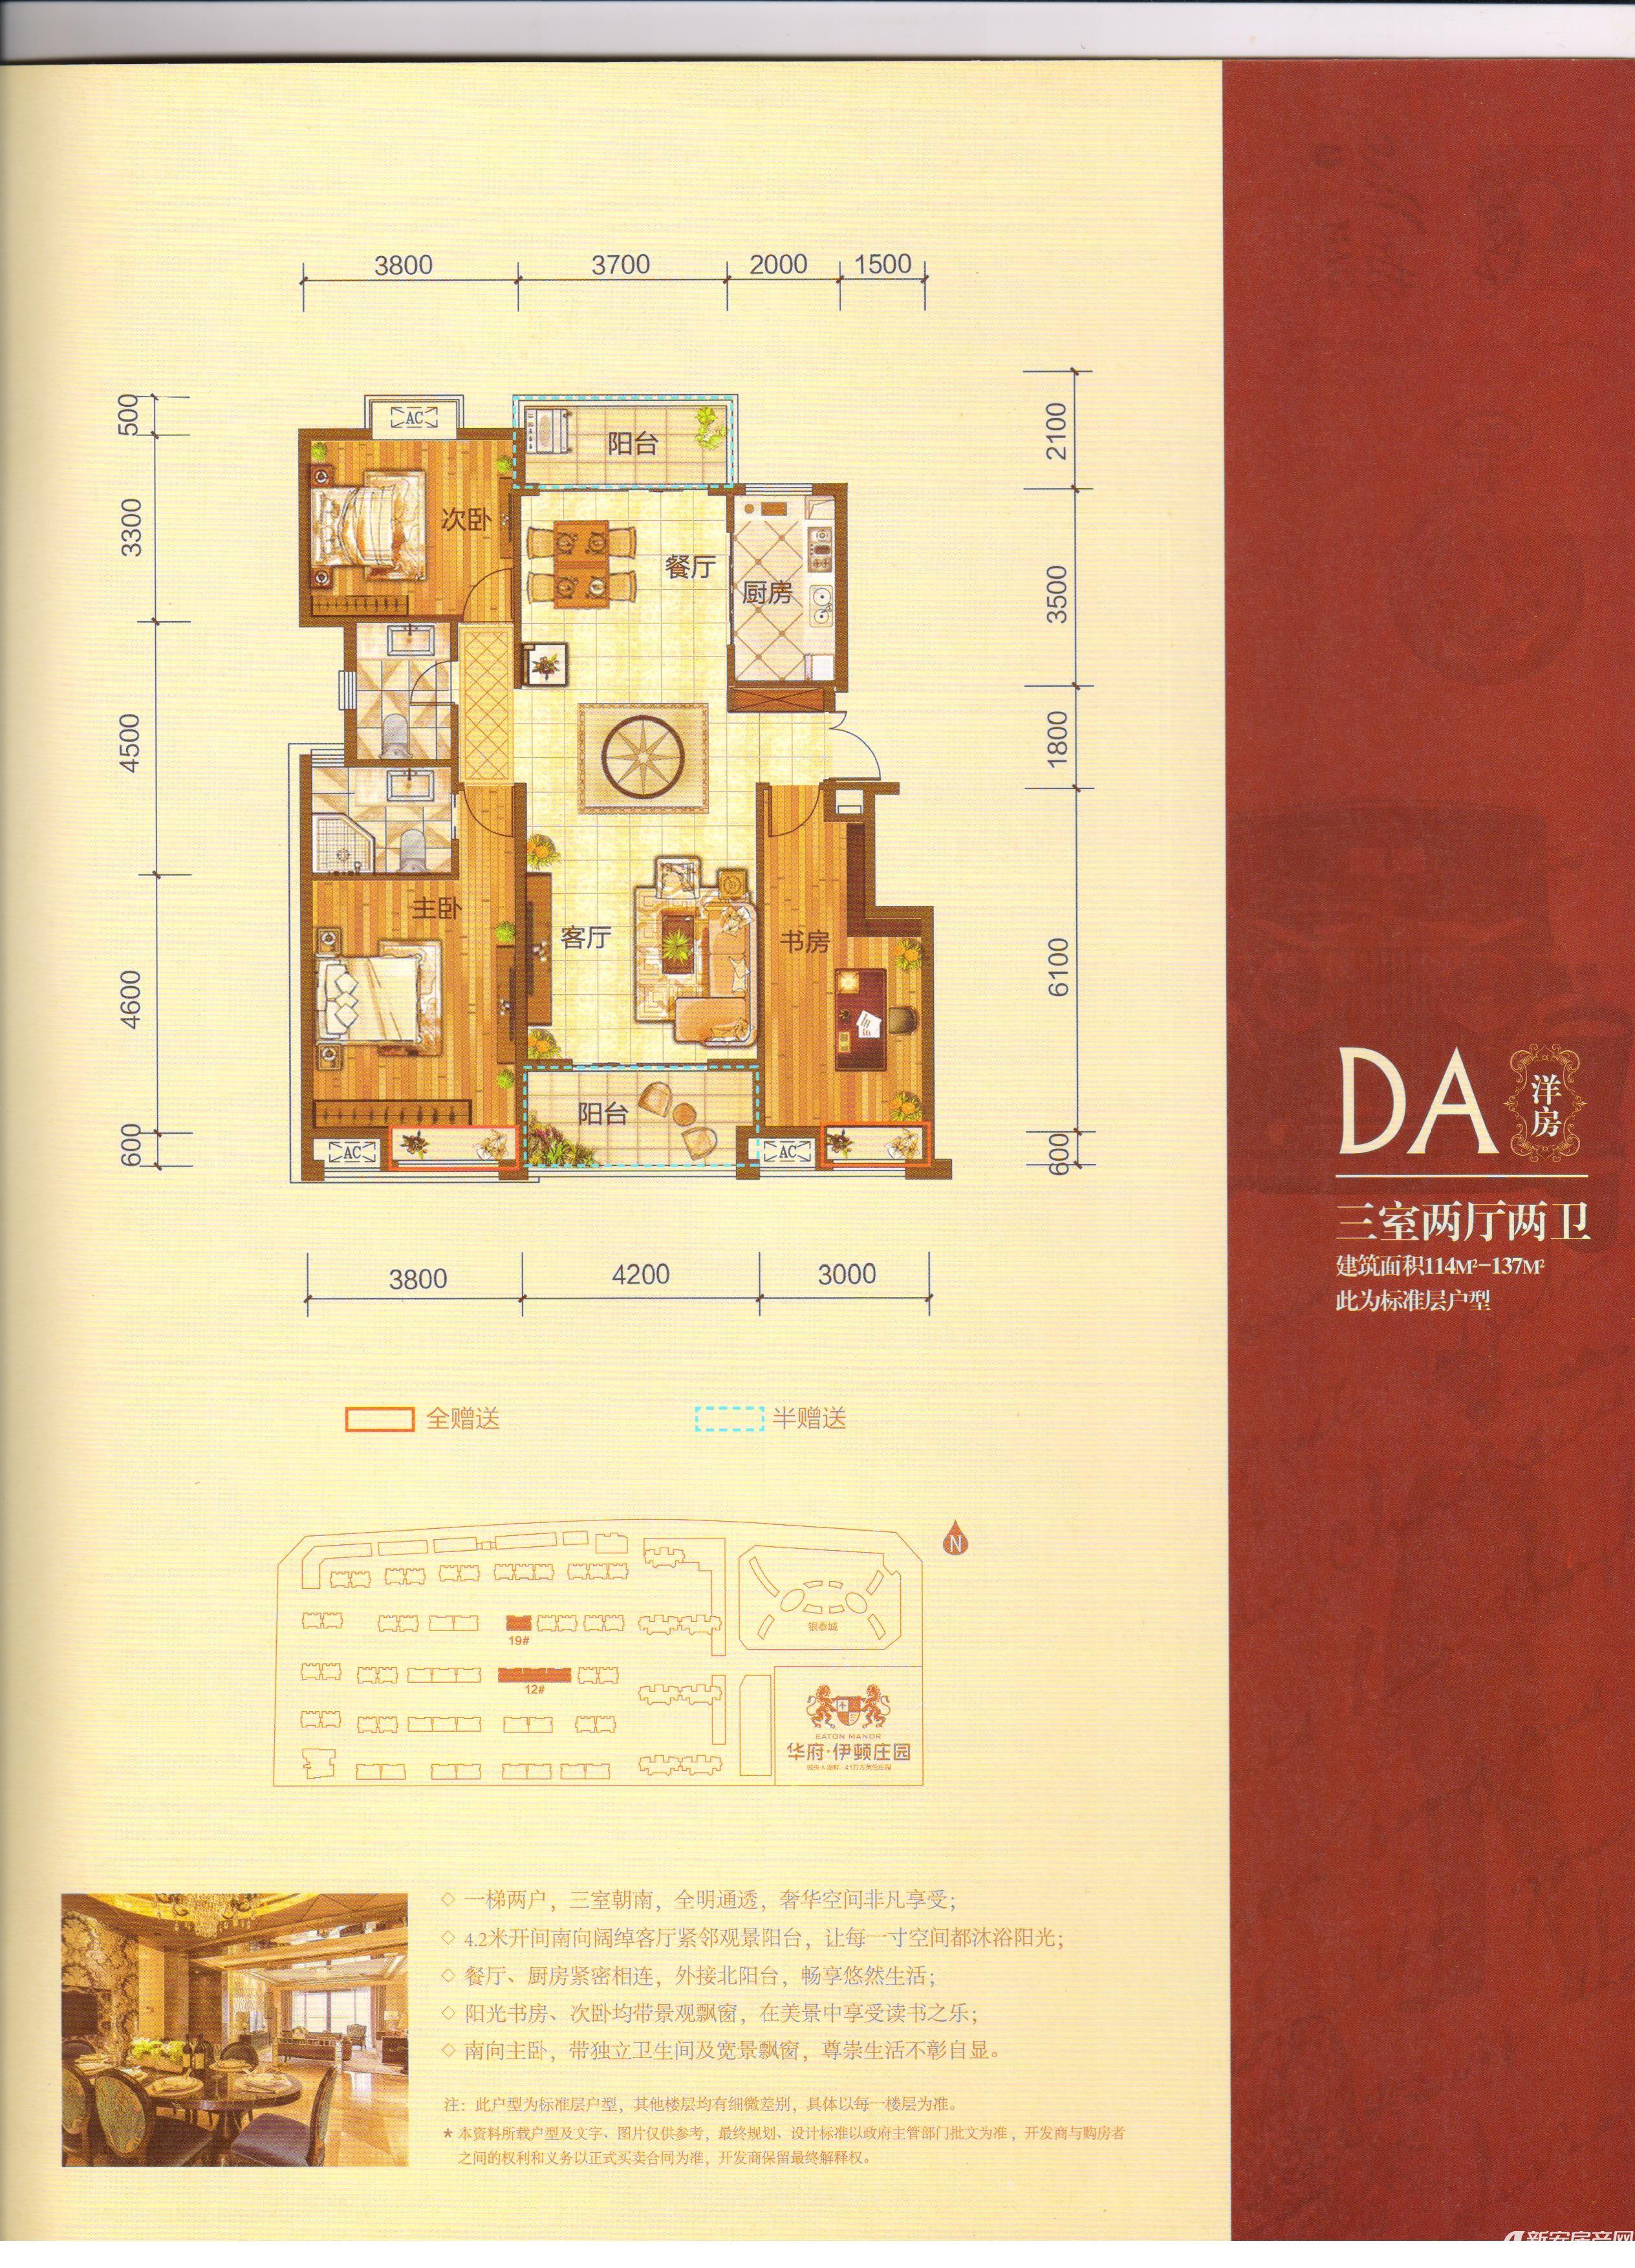 华府伊顿庄园DA洋房户型3室2厅114平米